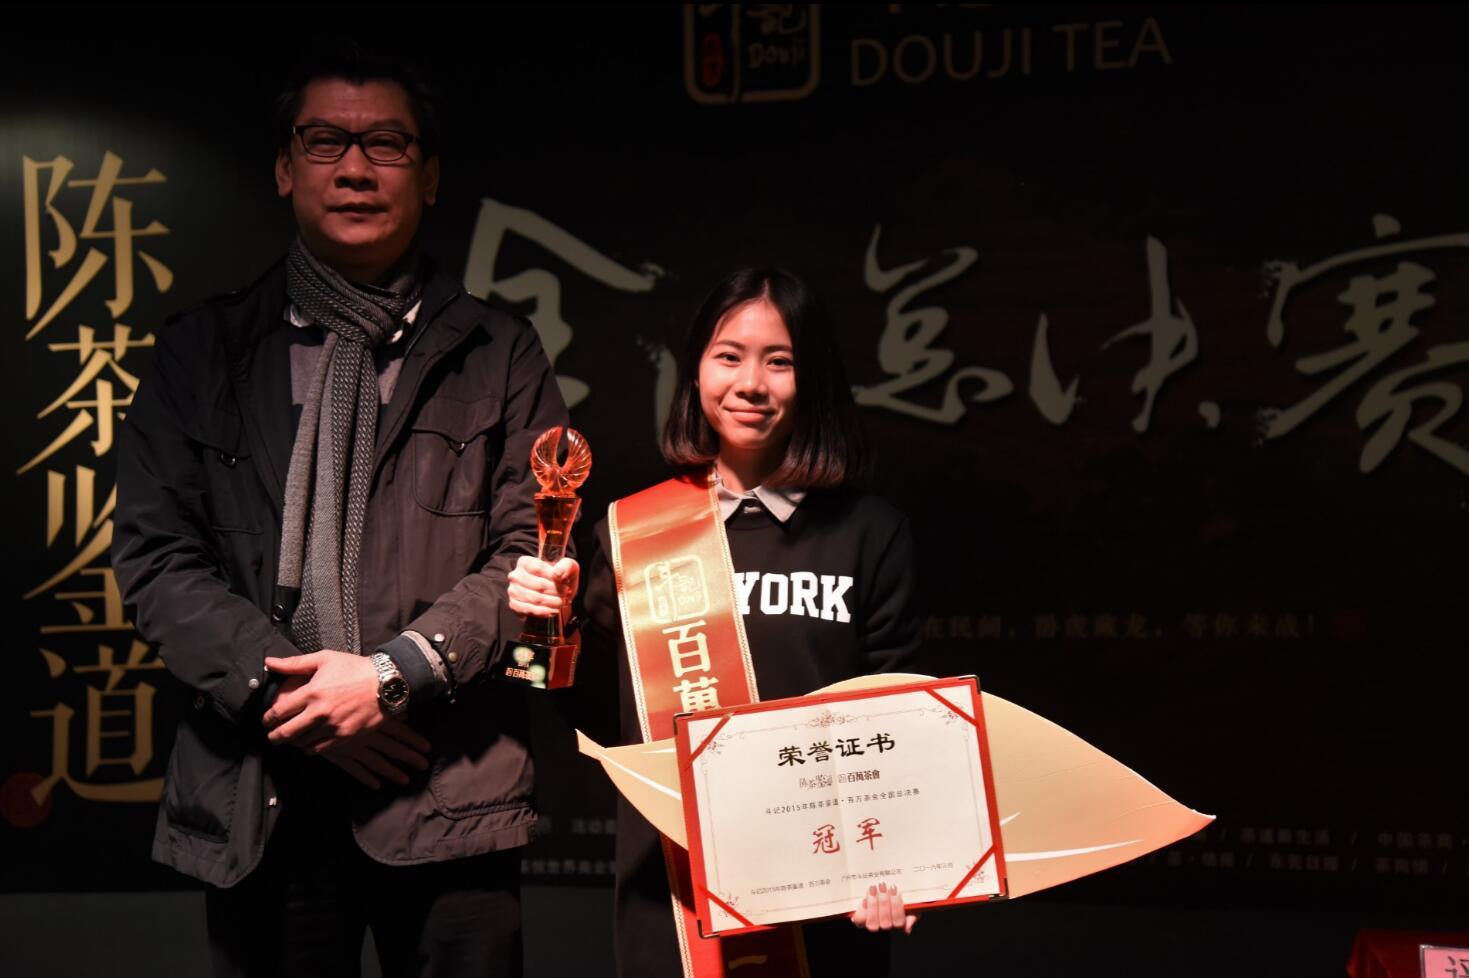 茶龄仅1年的90后姑娘盲品赢取50万大奖!(你一定好奇她是怎么做到的)